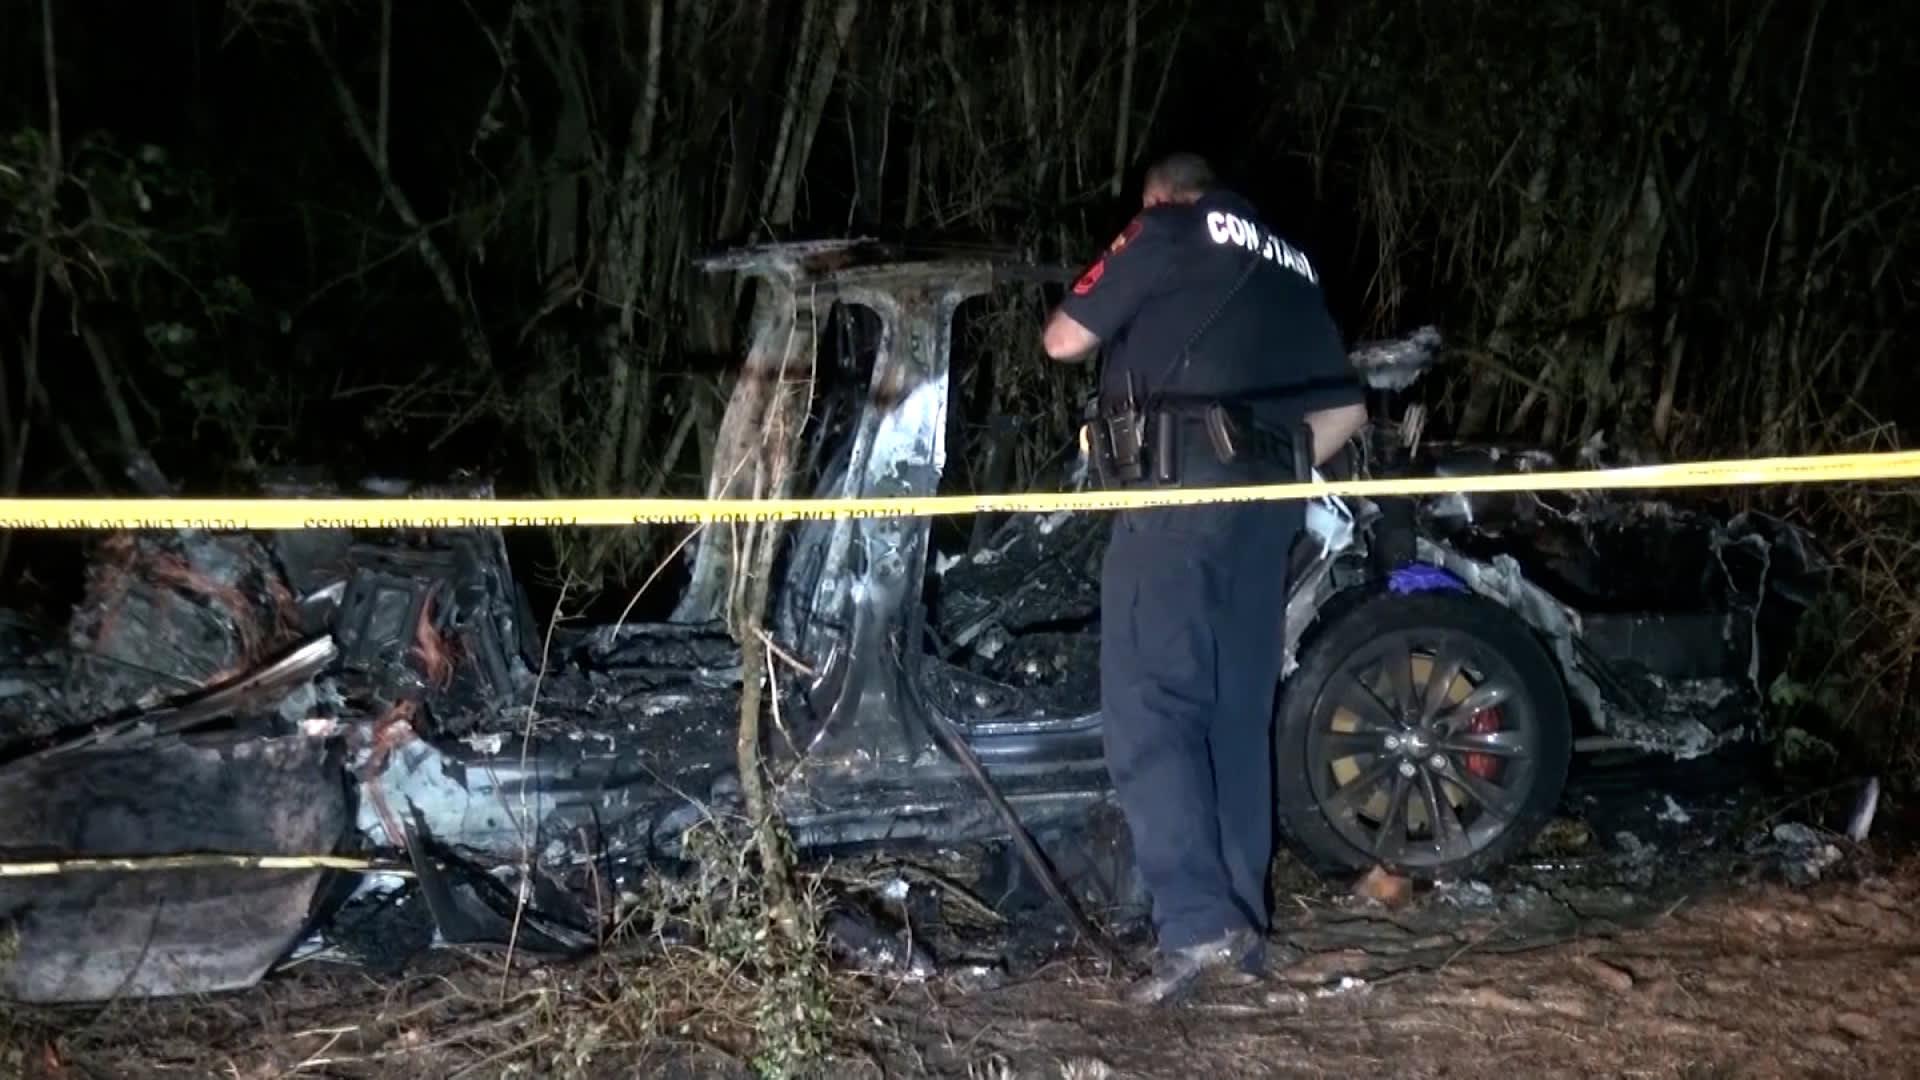 تسلا تكشف أن إحدى ميزات القيادة الذاتية كانت نشطة في حادث تكساس المميت